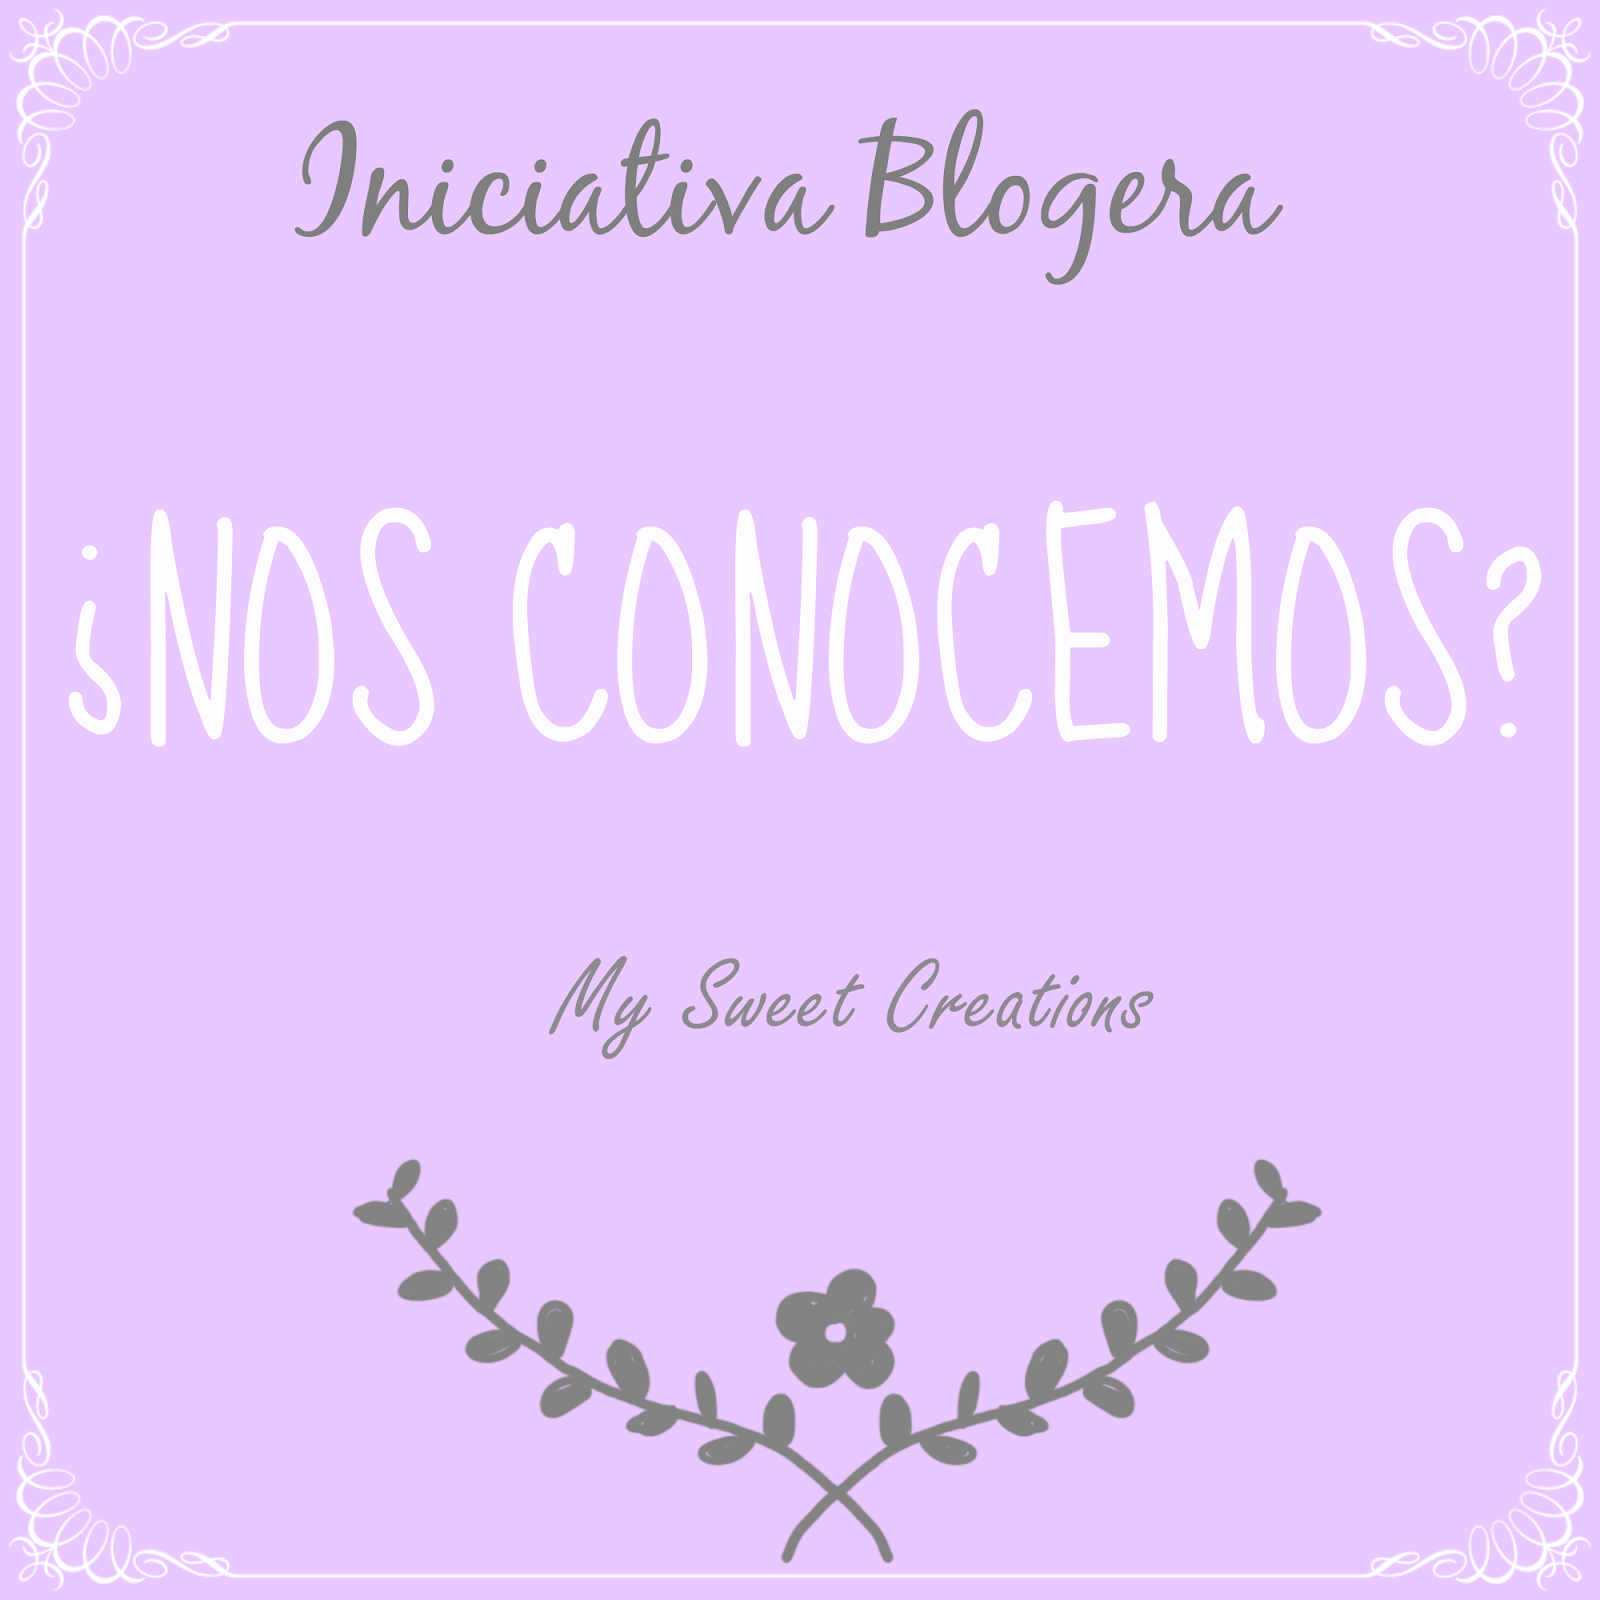 Iniciativa blogera